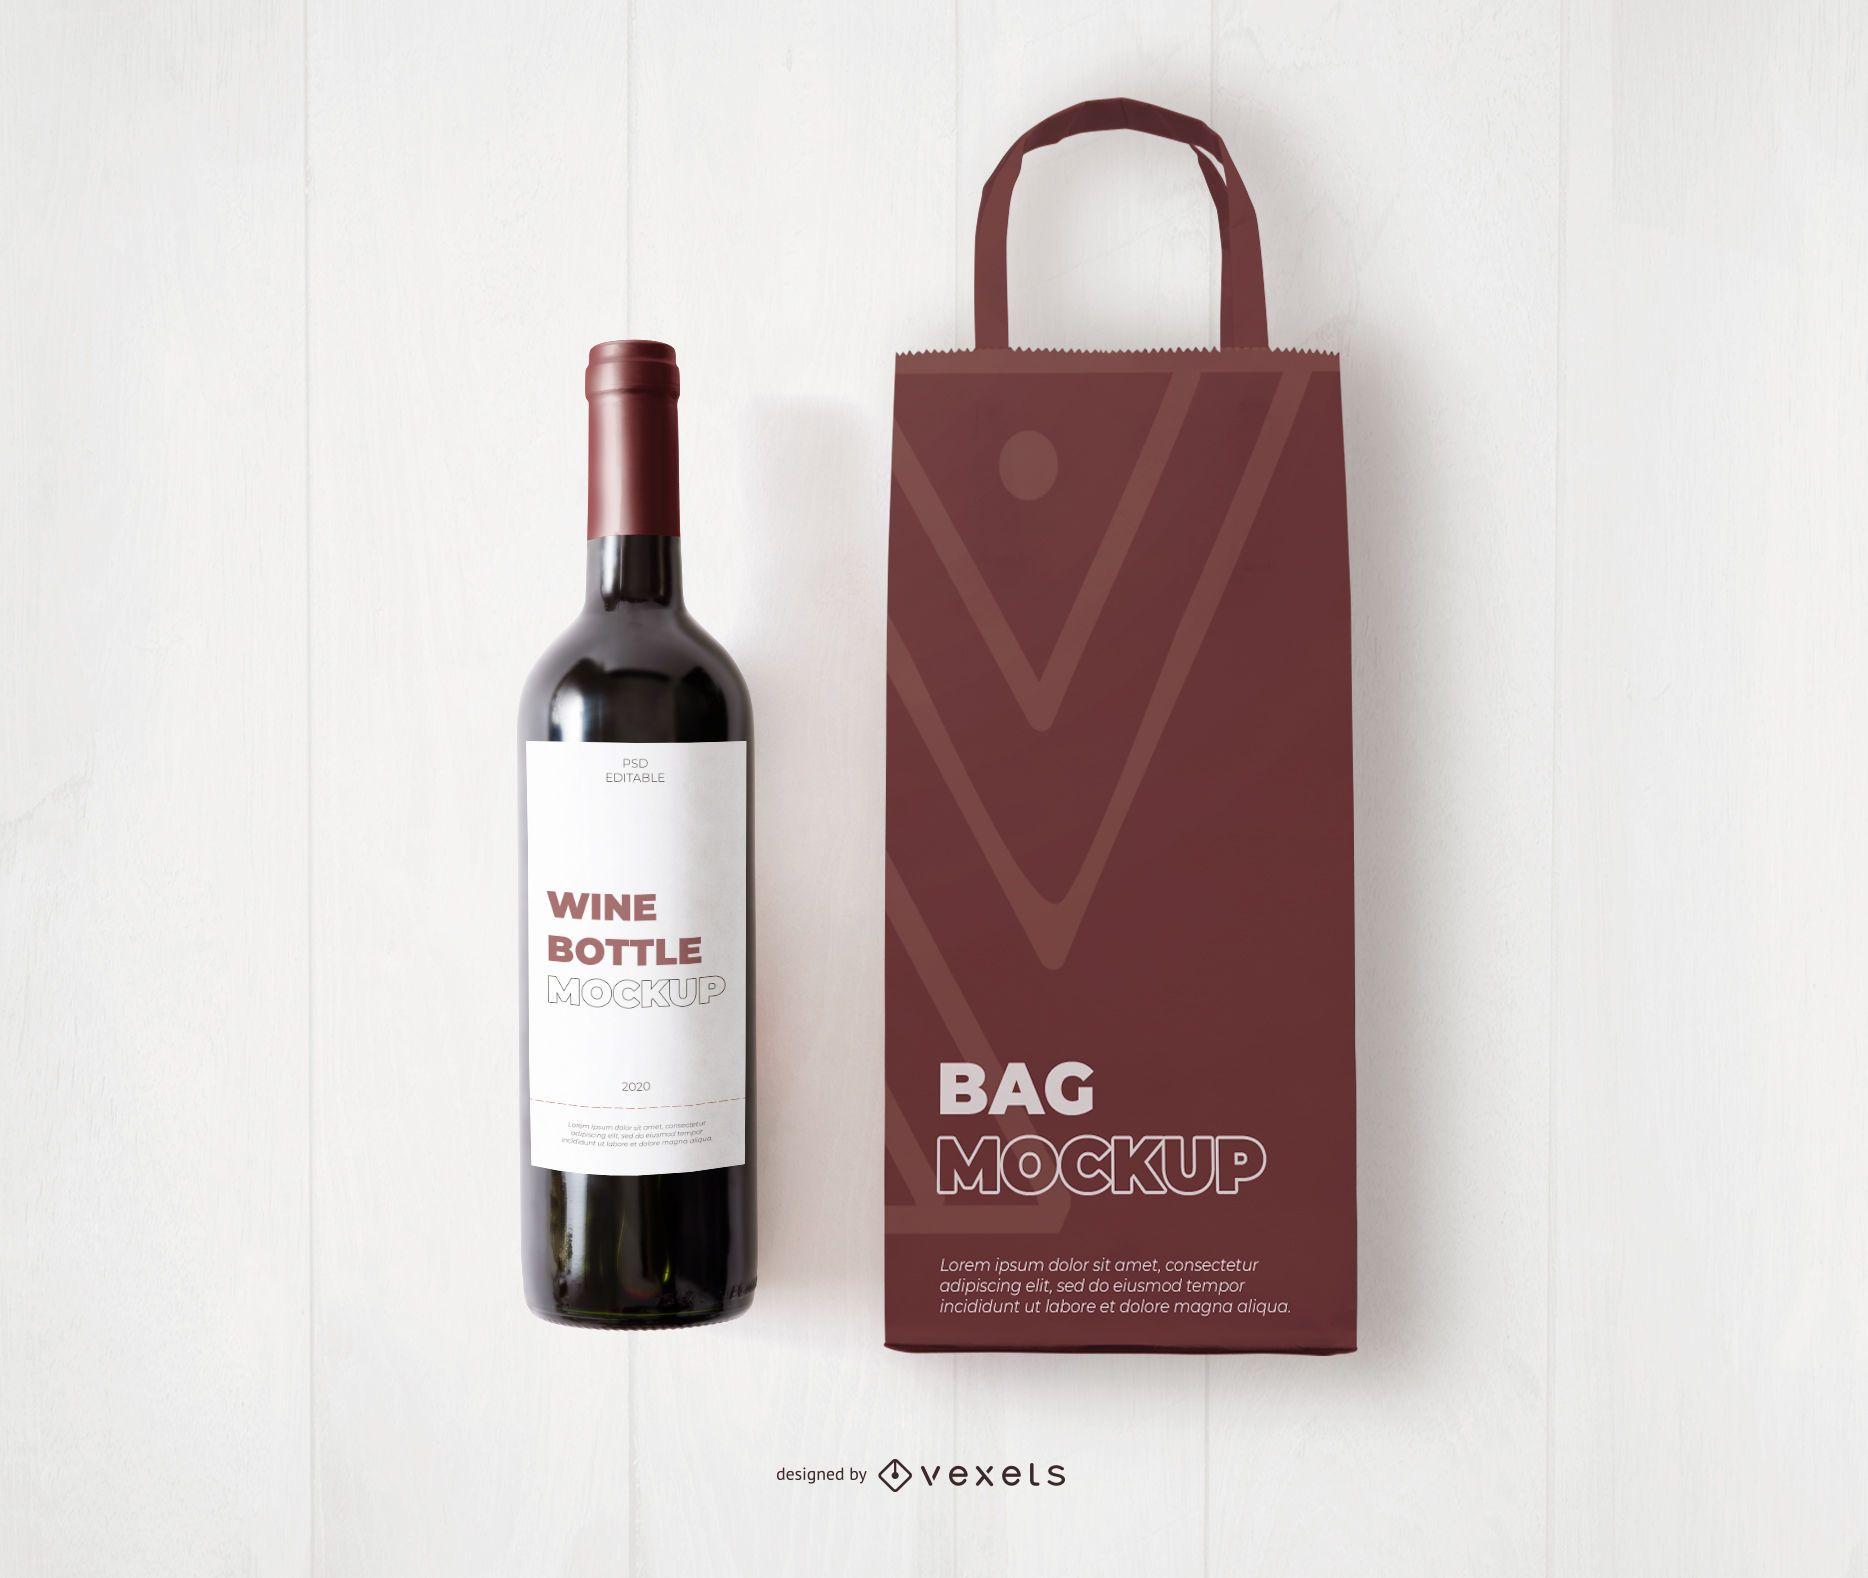 Weinbeutel und Flaschenmodell